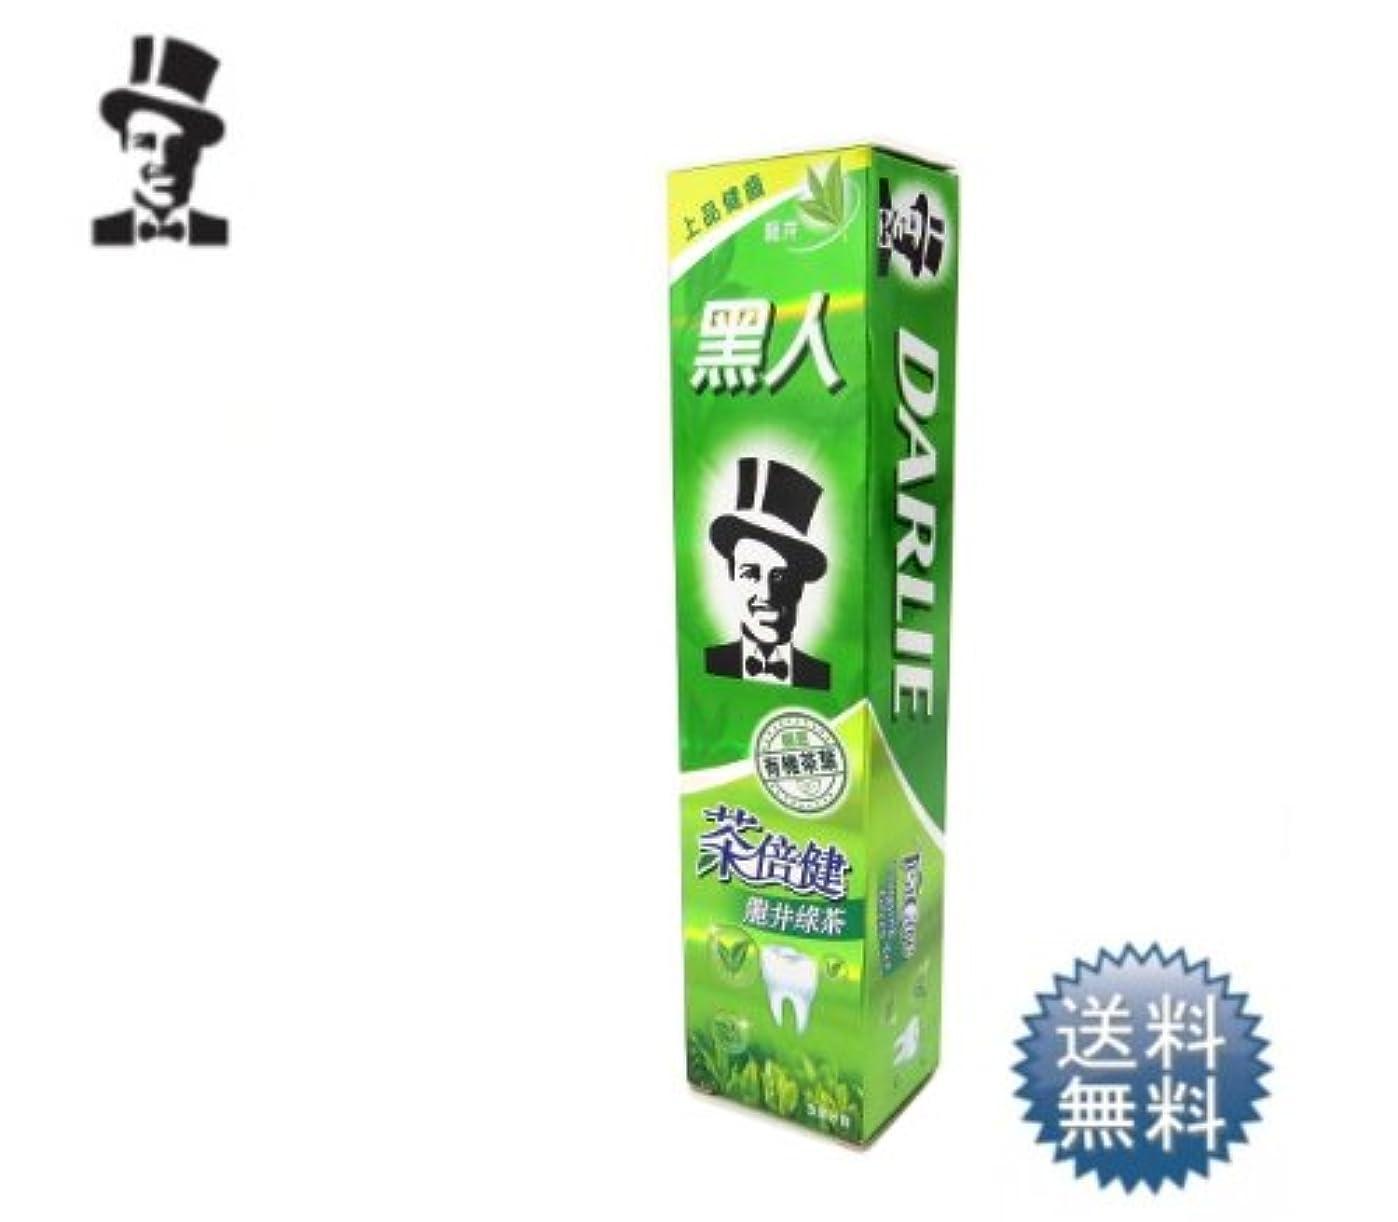 漂流並外れたバー台湾 黒人 茶倍健牙膏 160g